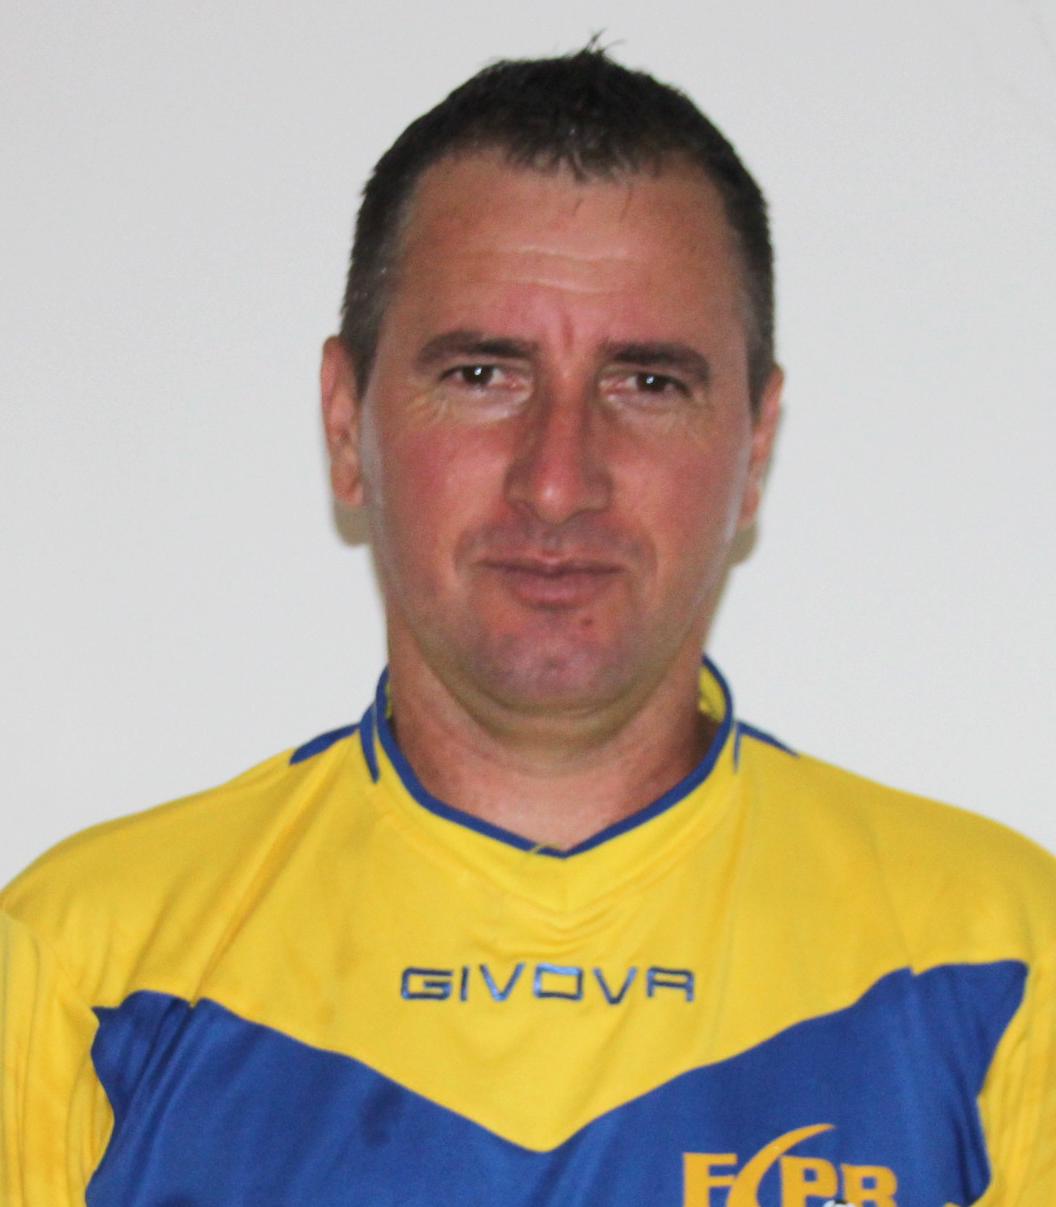 Petre Daniel